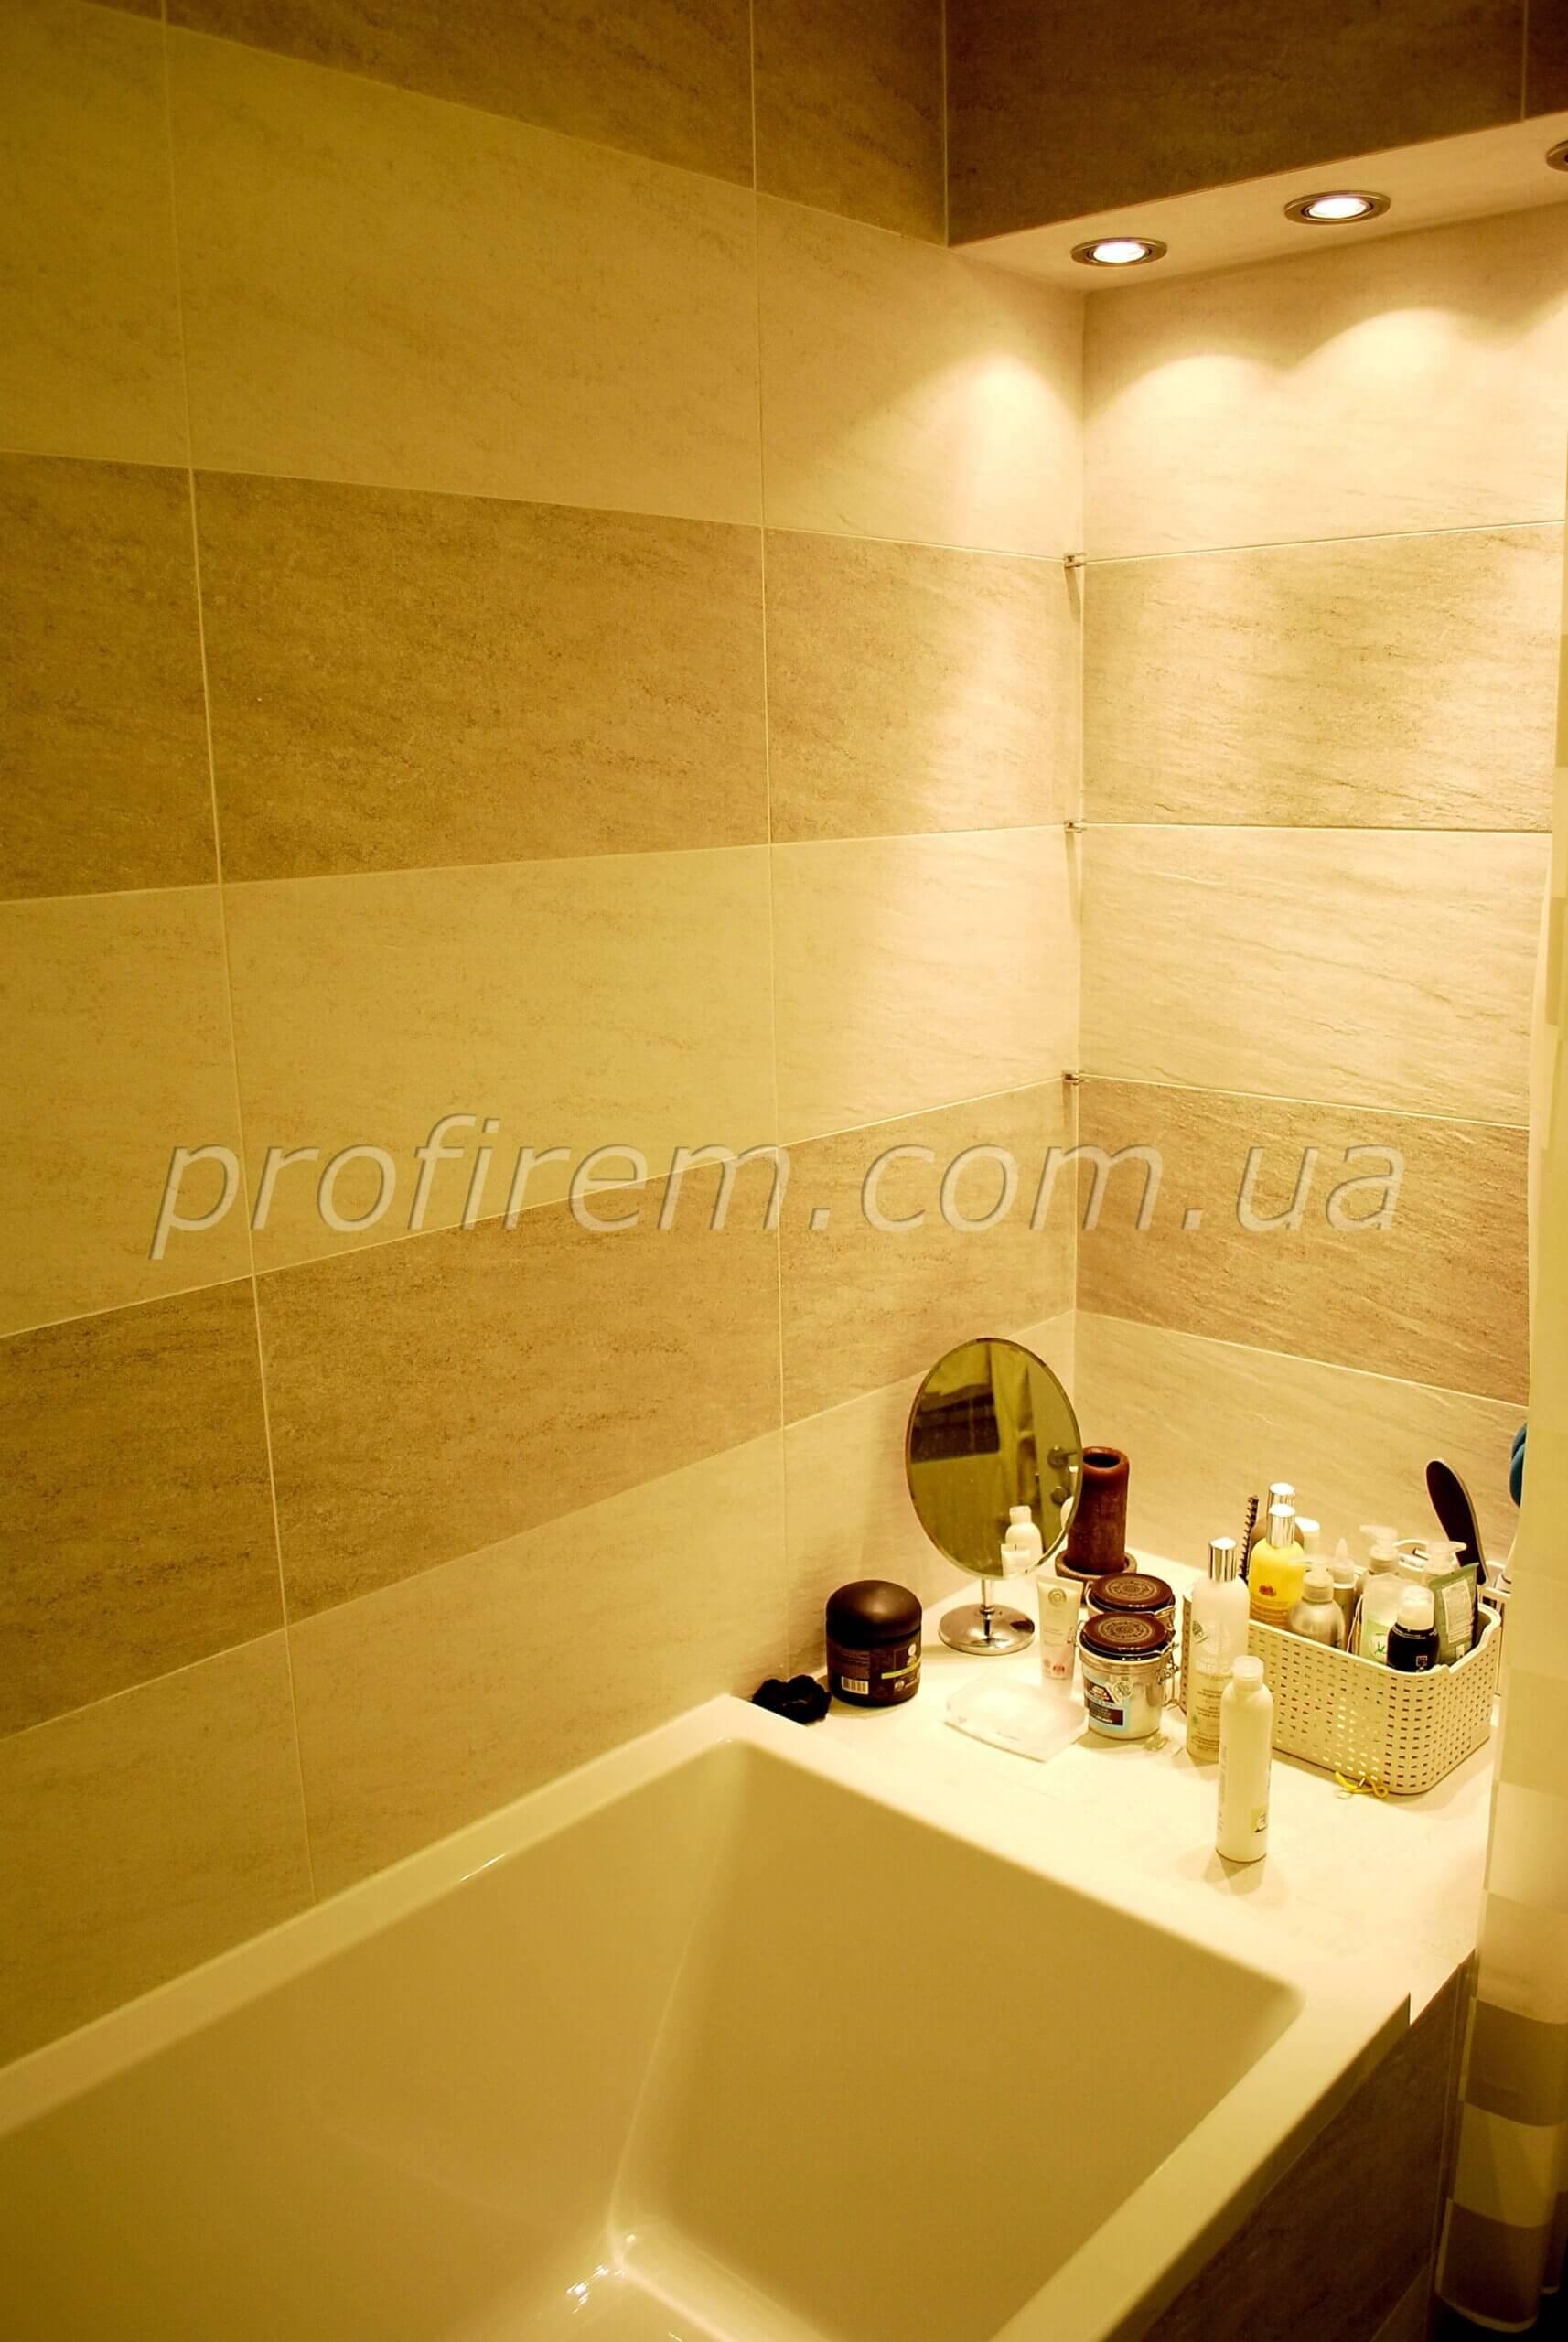 Фото полочки в ванной в Киеве